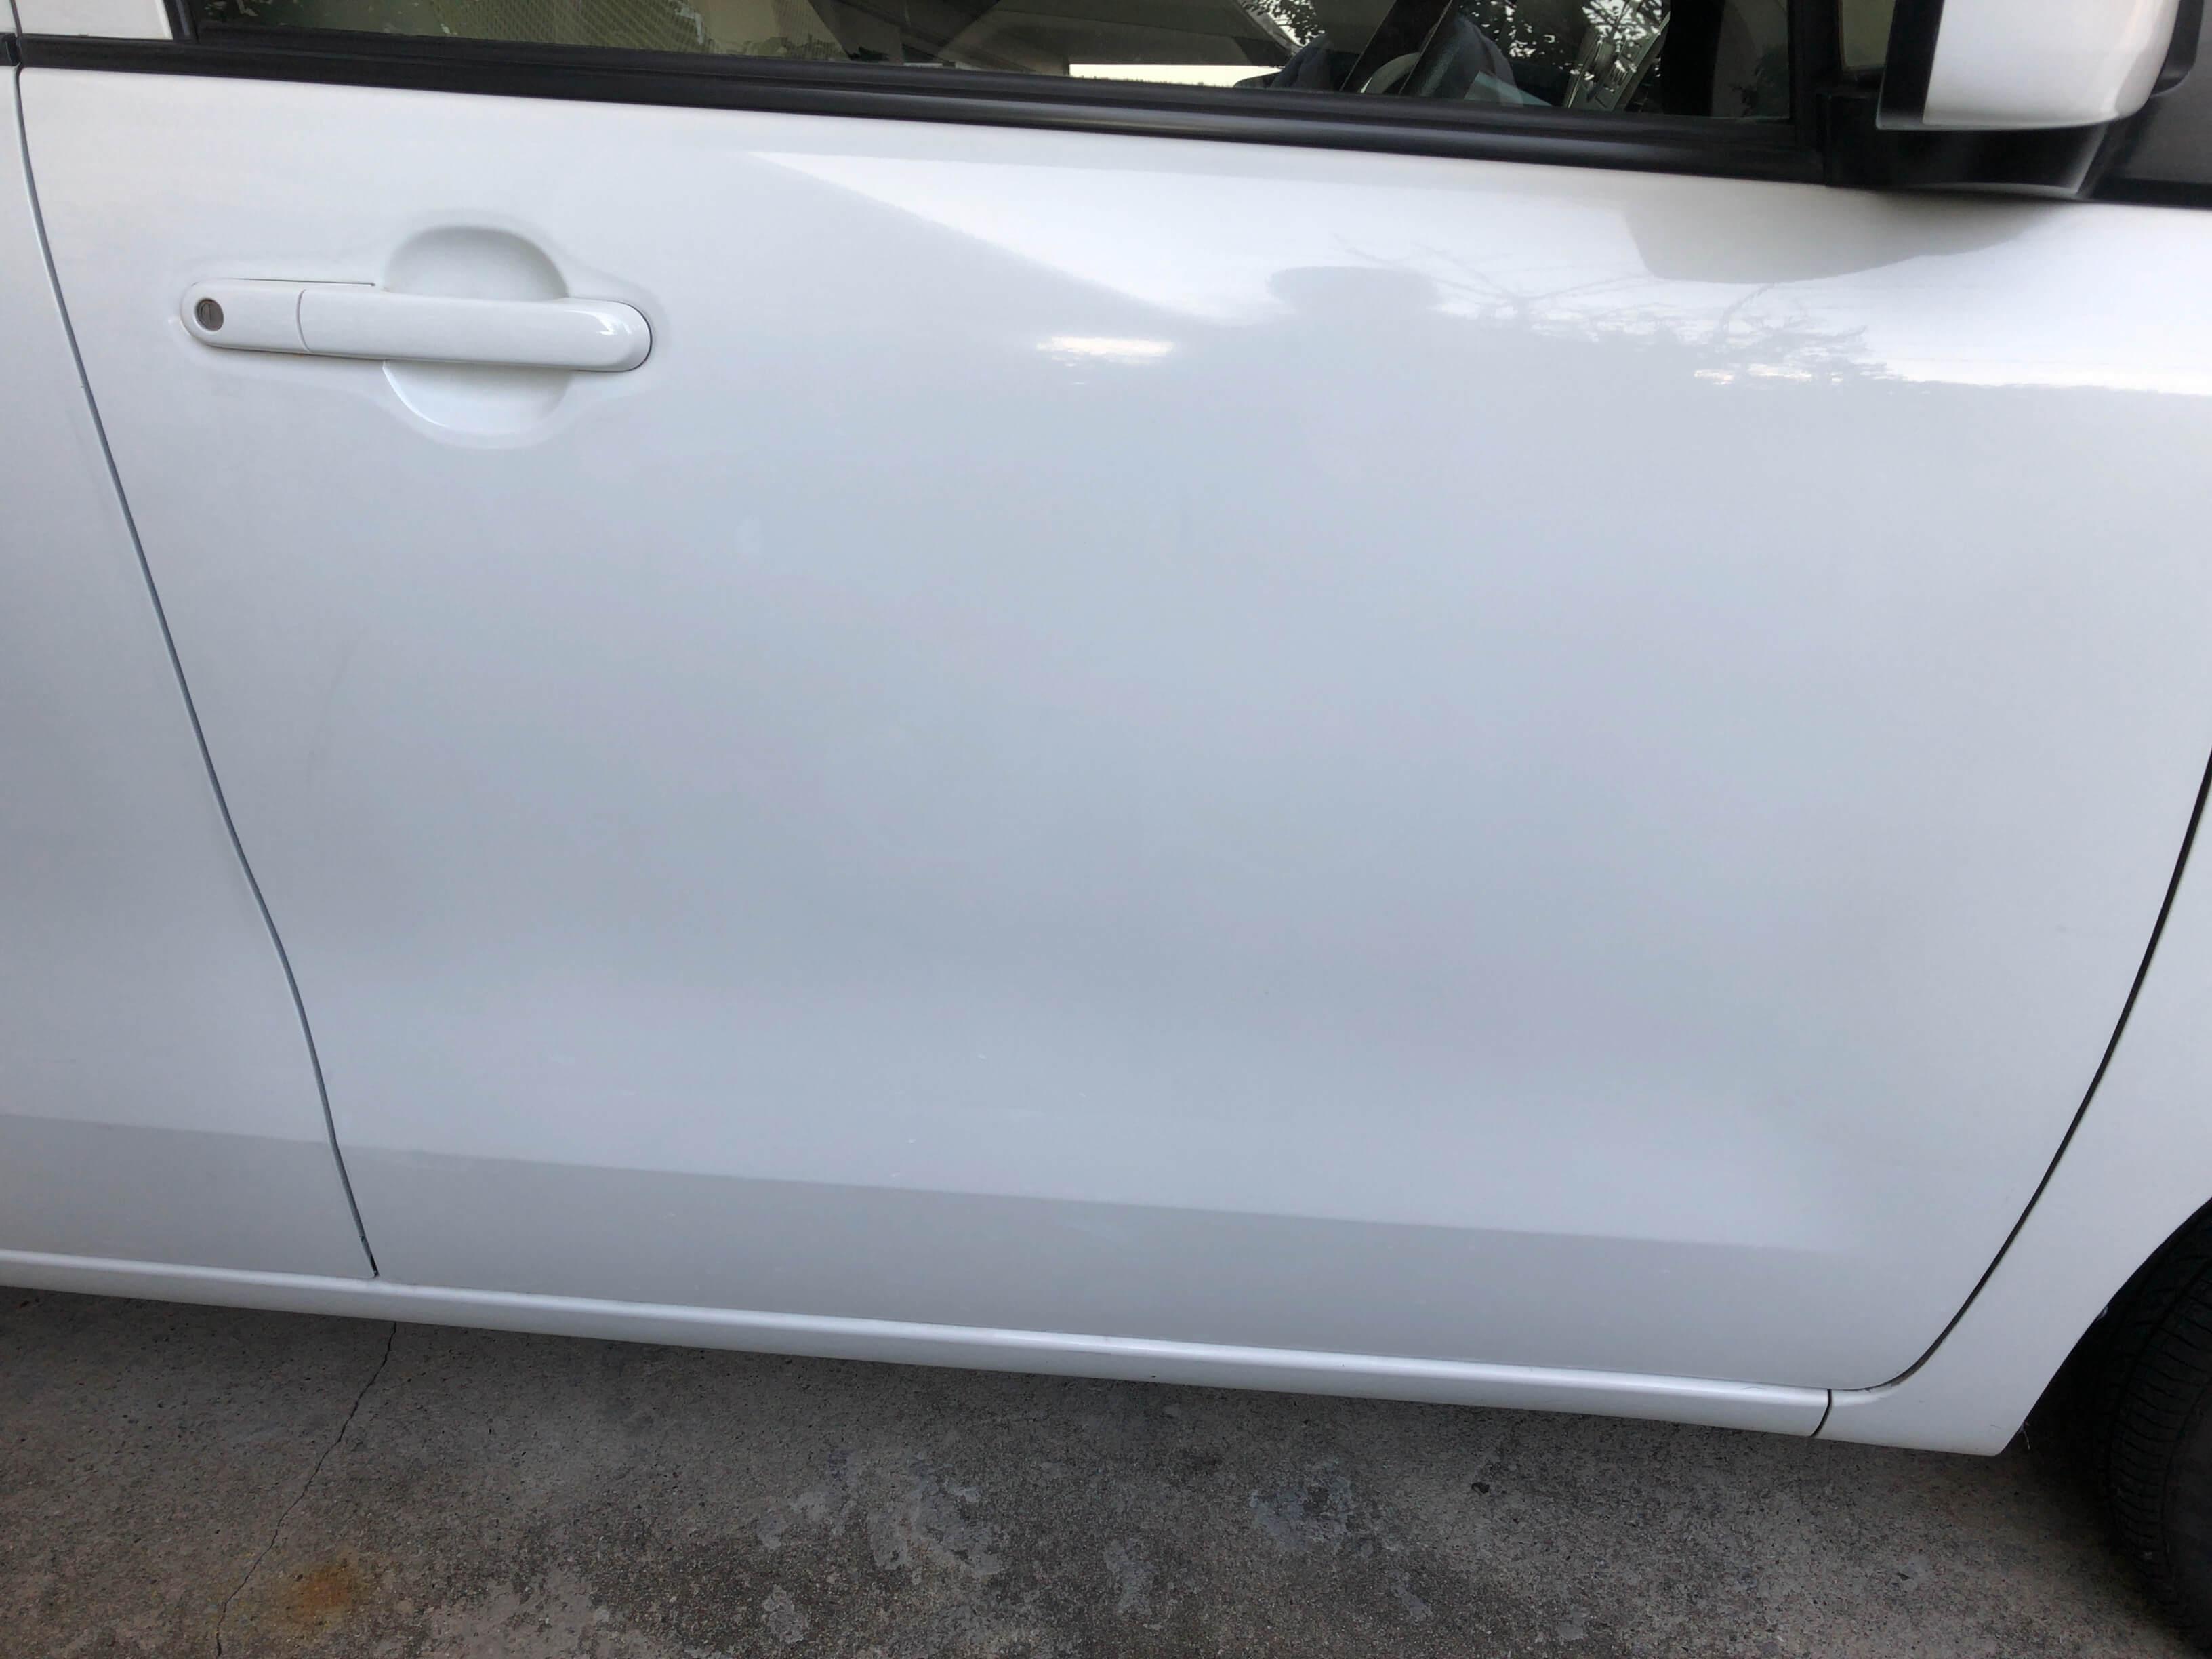 ワゴンR白の運転席にペンキを塗った